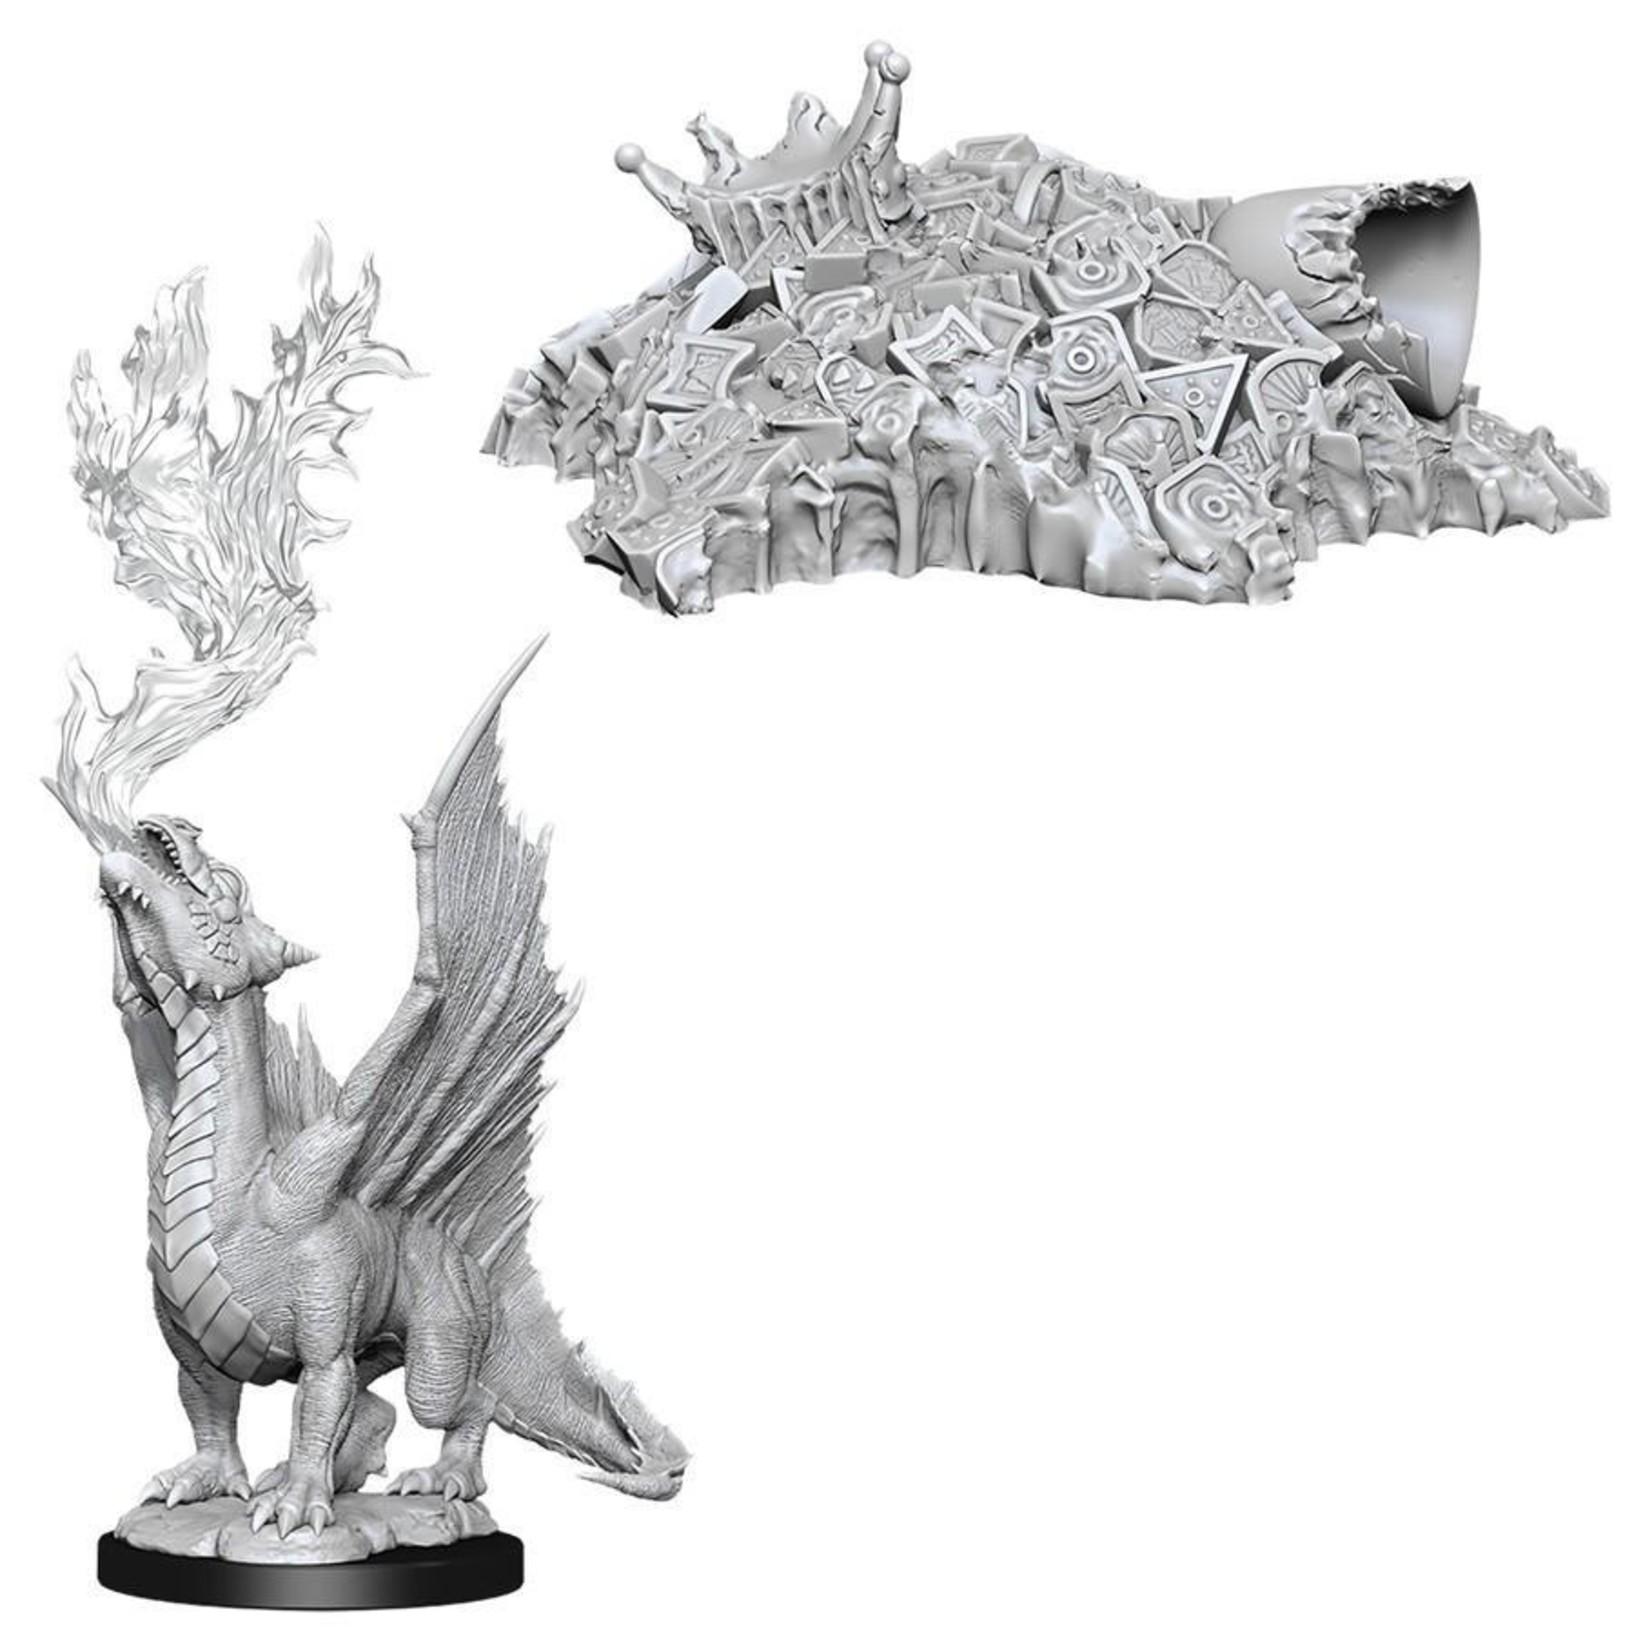 WizKids/Neca 90028 Nolzur's Gold Dragon Wyrmling